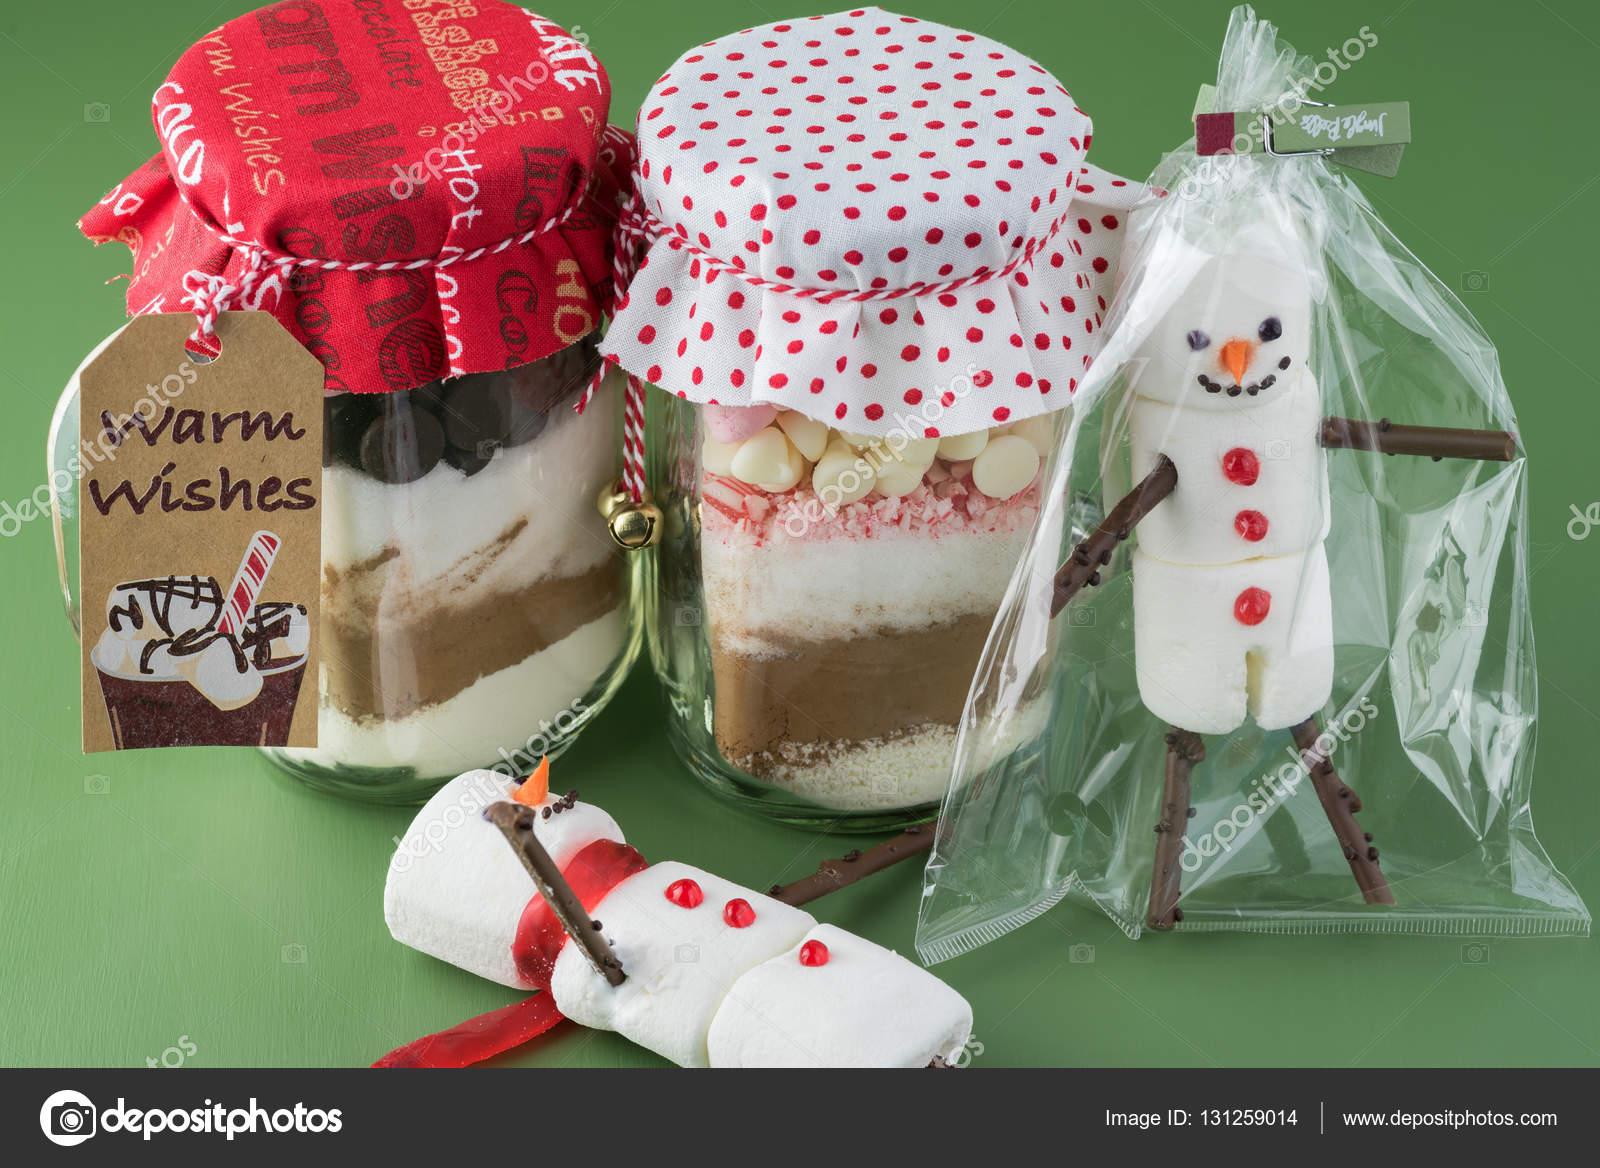 Geschenkideen Weihnachten Essen.Weihnachten Essen Geschenkidee Heißer Kakao Mix Glas Stockfoto